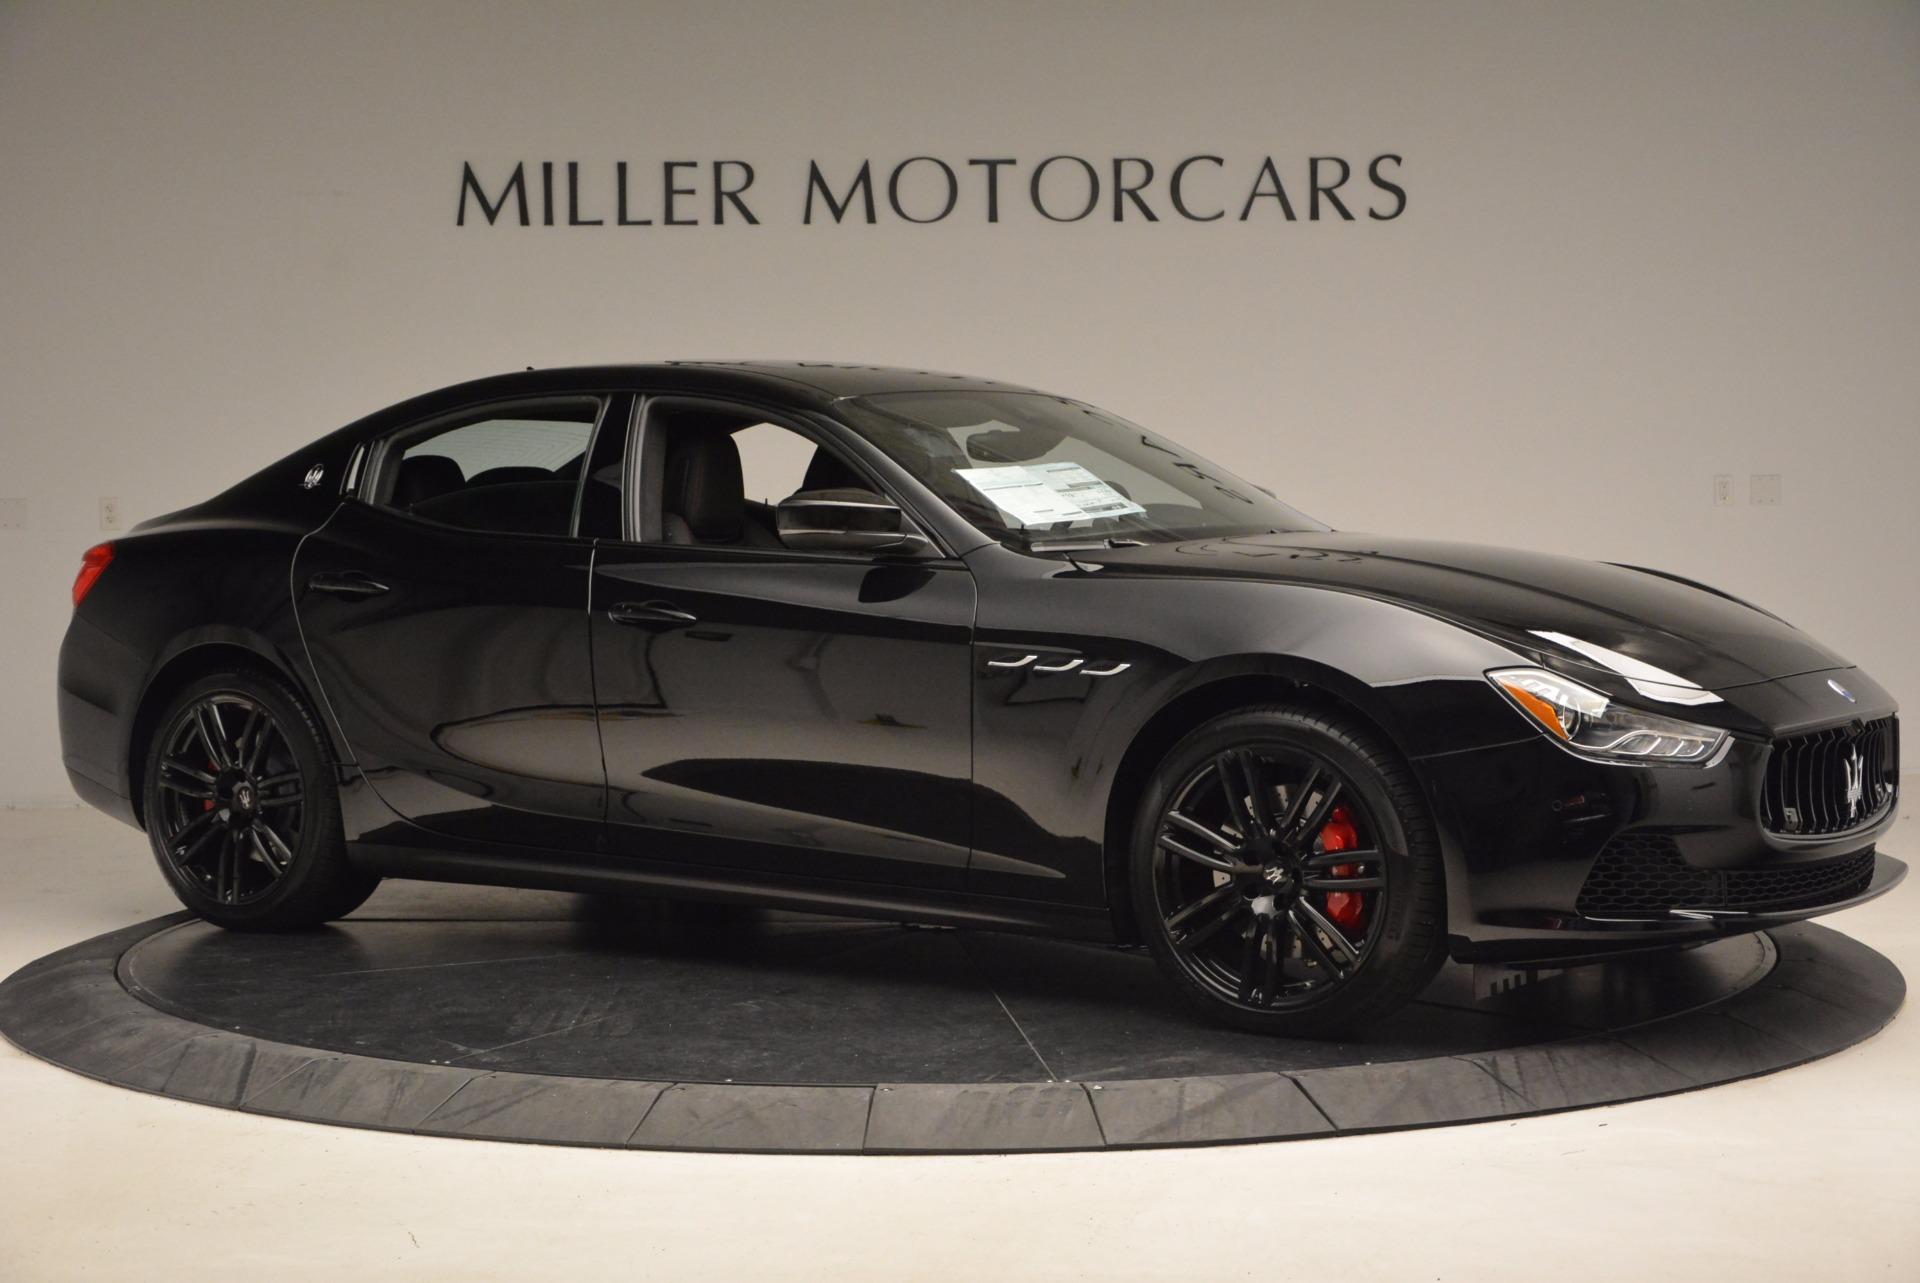 New 2017 Maserati Ghibli SQ4 S Q4 Nerissimo Edition For Sale In Greenwich, CT 1334_p10